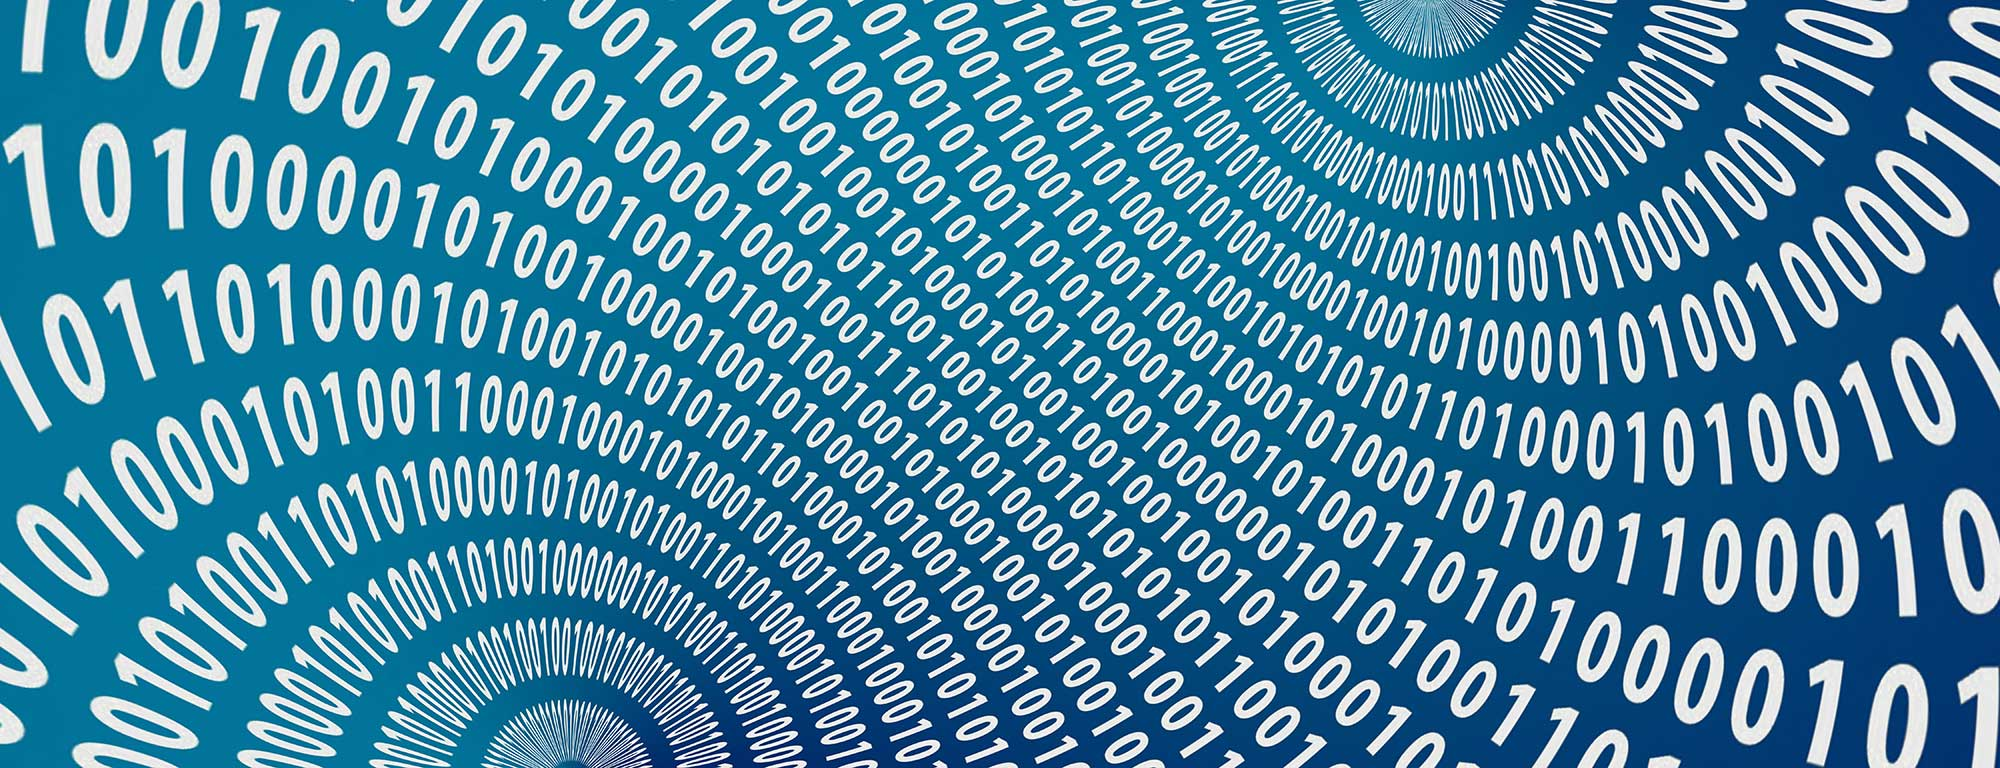 Warum die Anbetung der Digitalisierung beendet werden muss